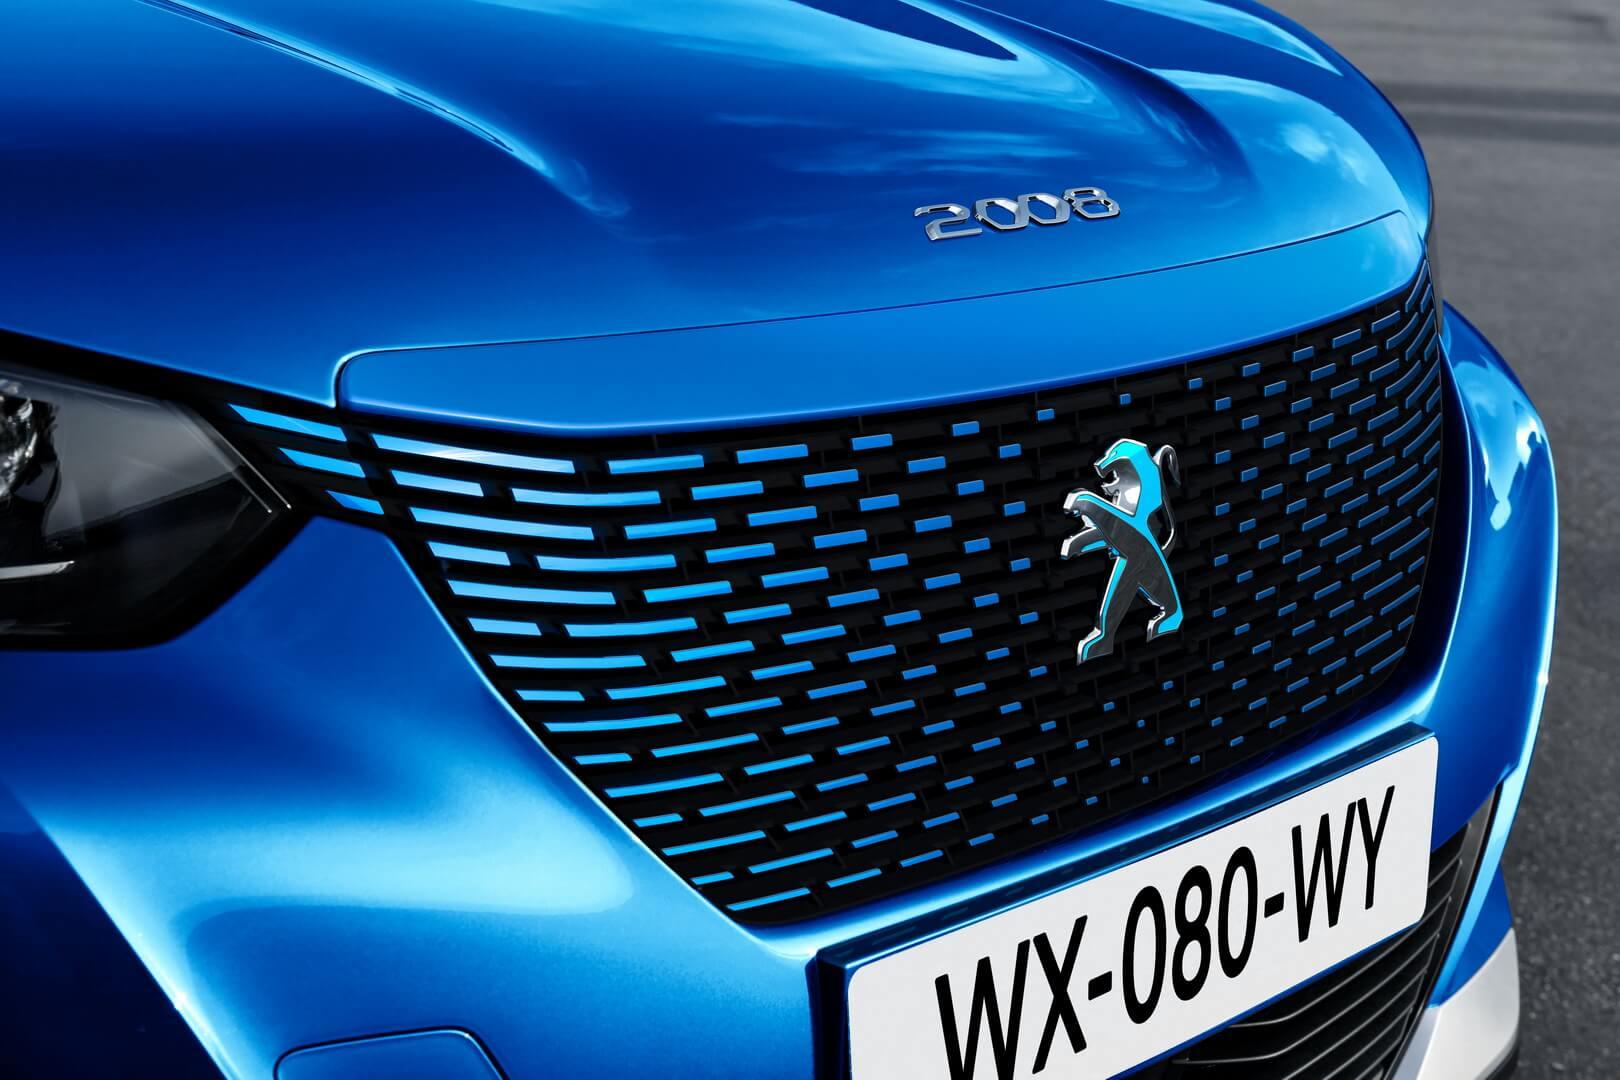 Радиаторная решетка электрического кроссовера Peugeot e-2008